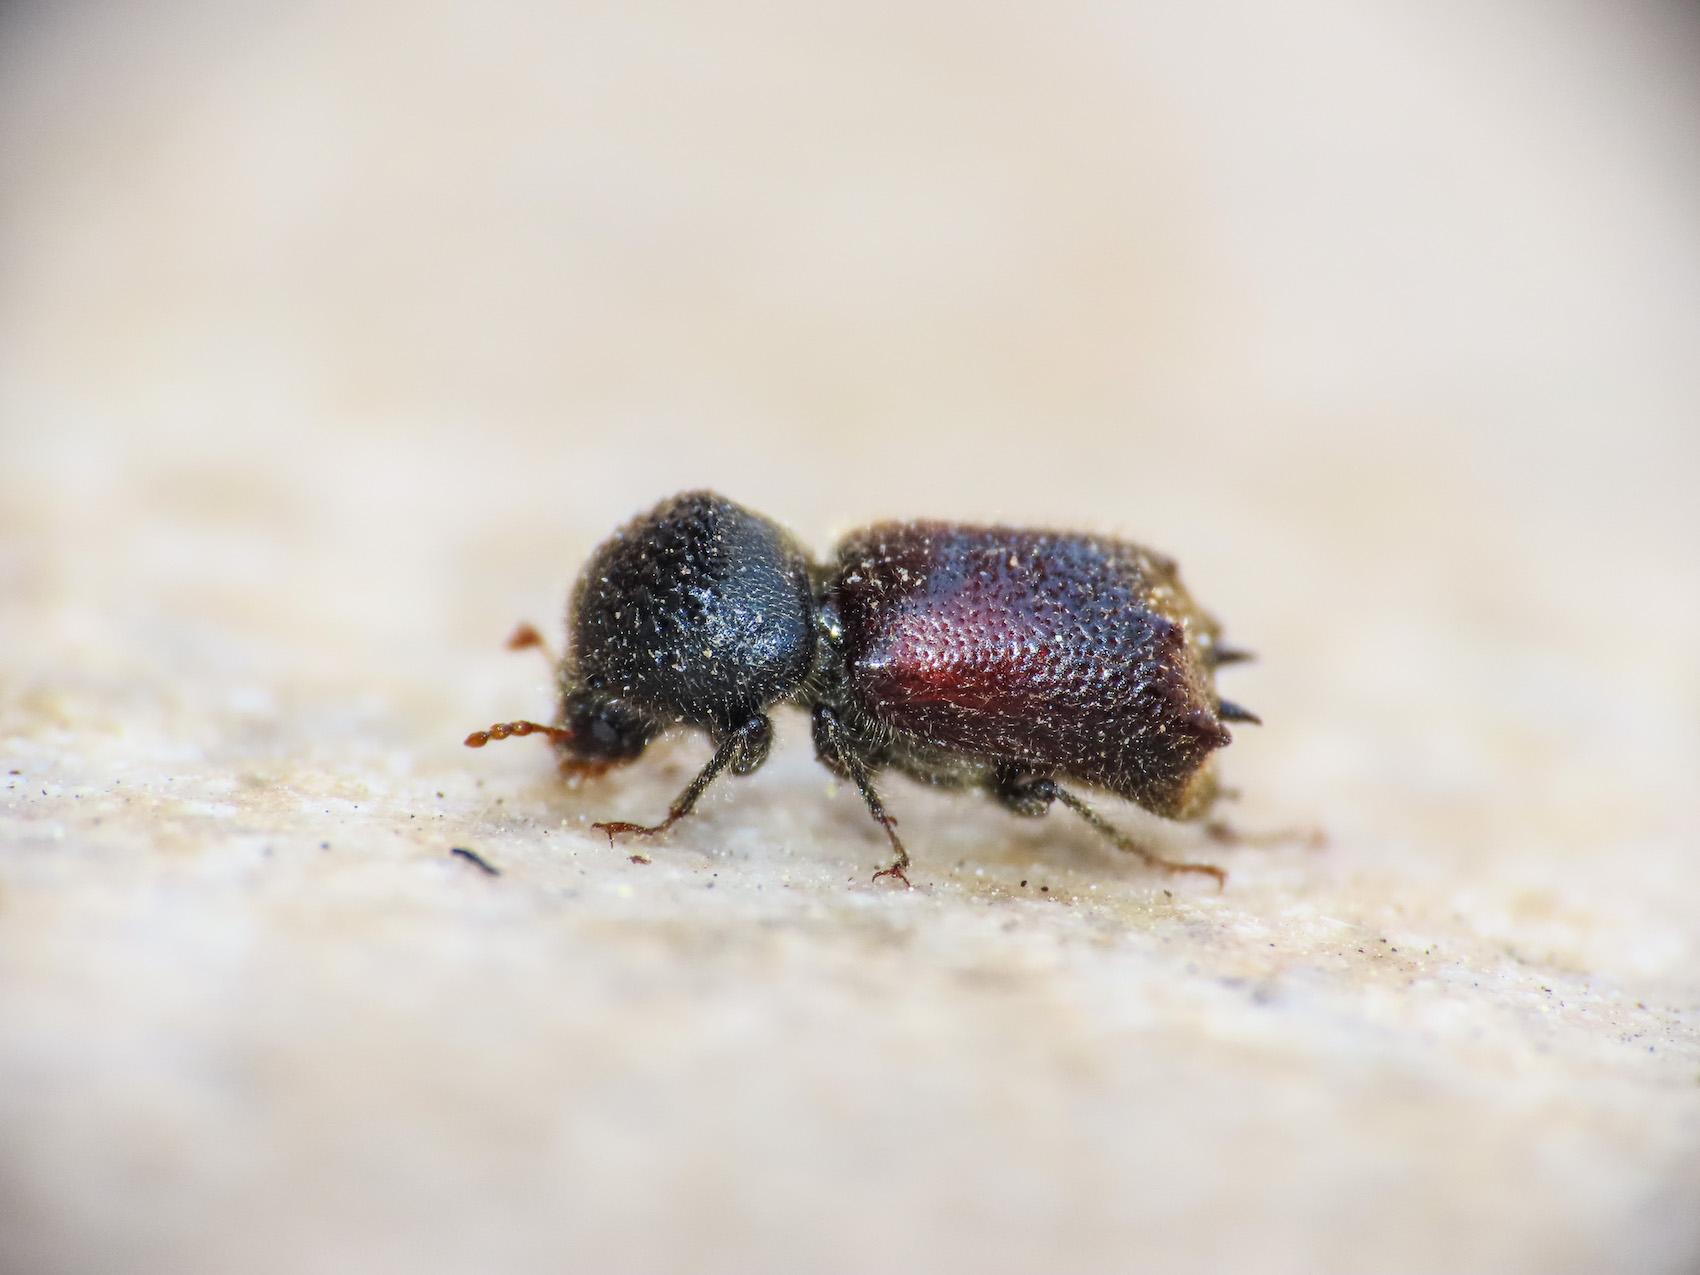 Bostrichidae: Sinoxylon sexdentatum